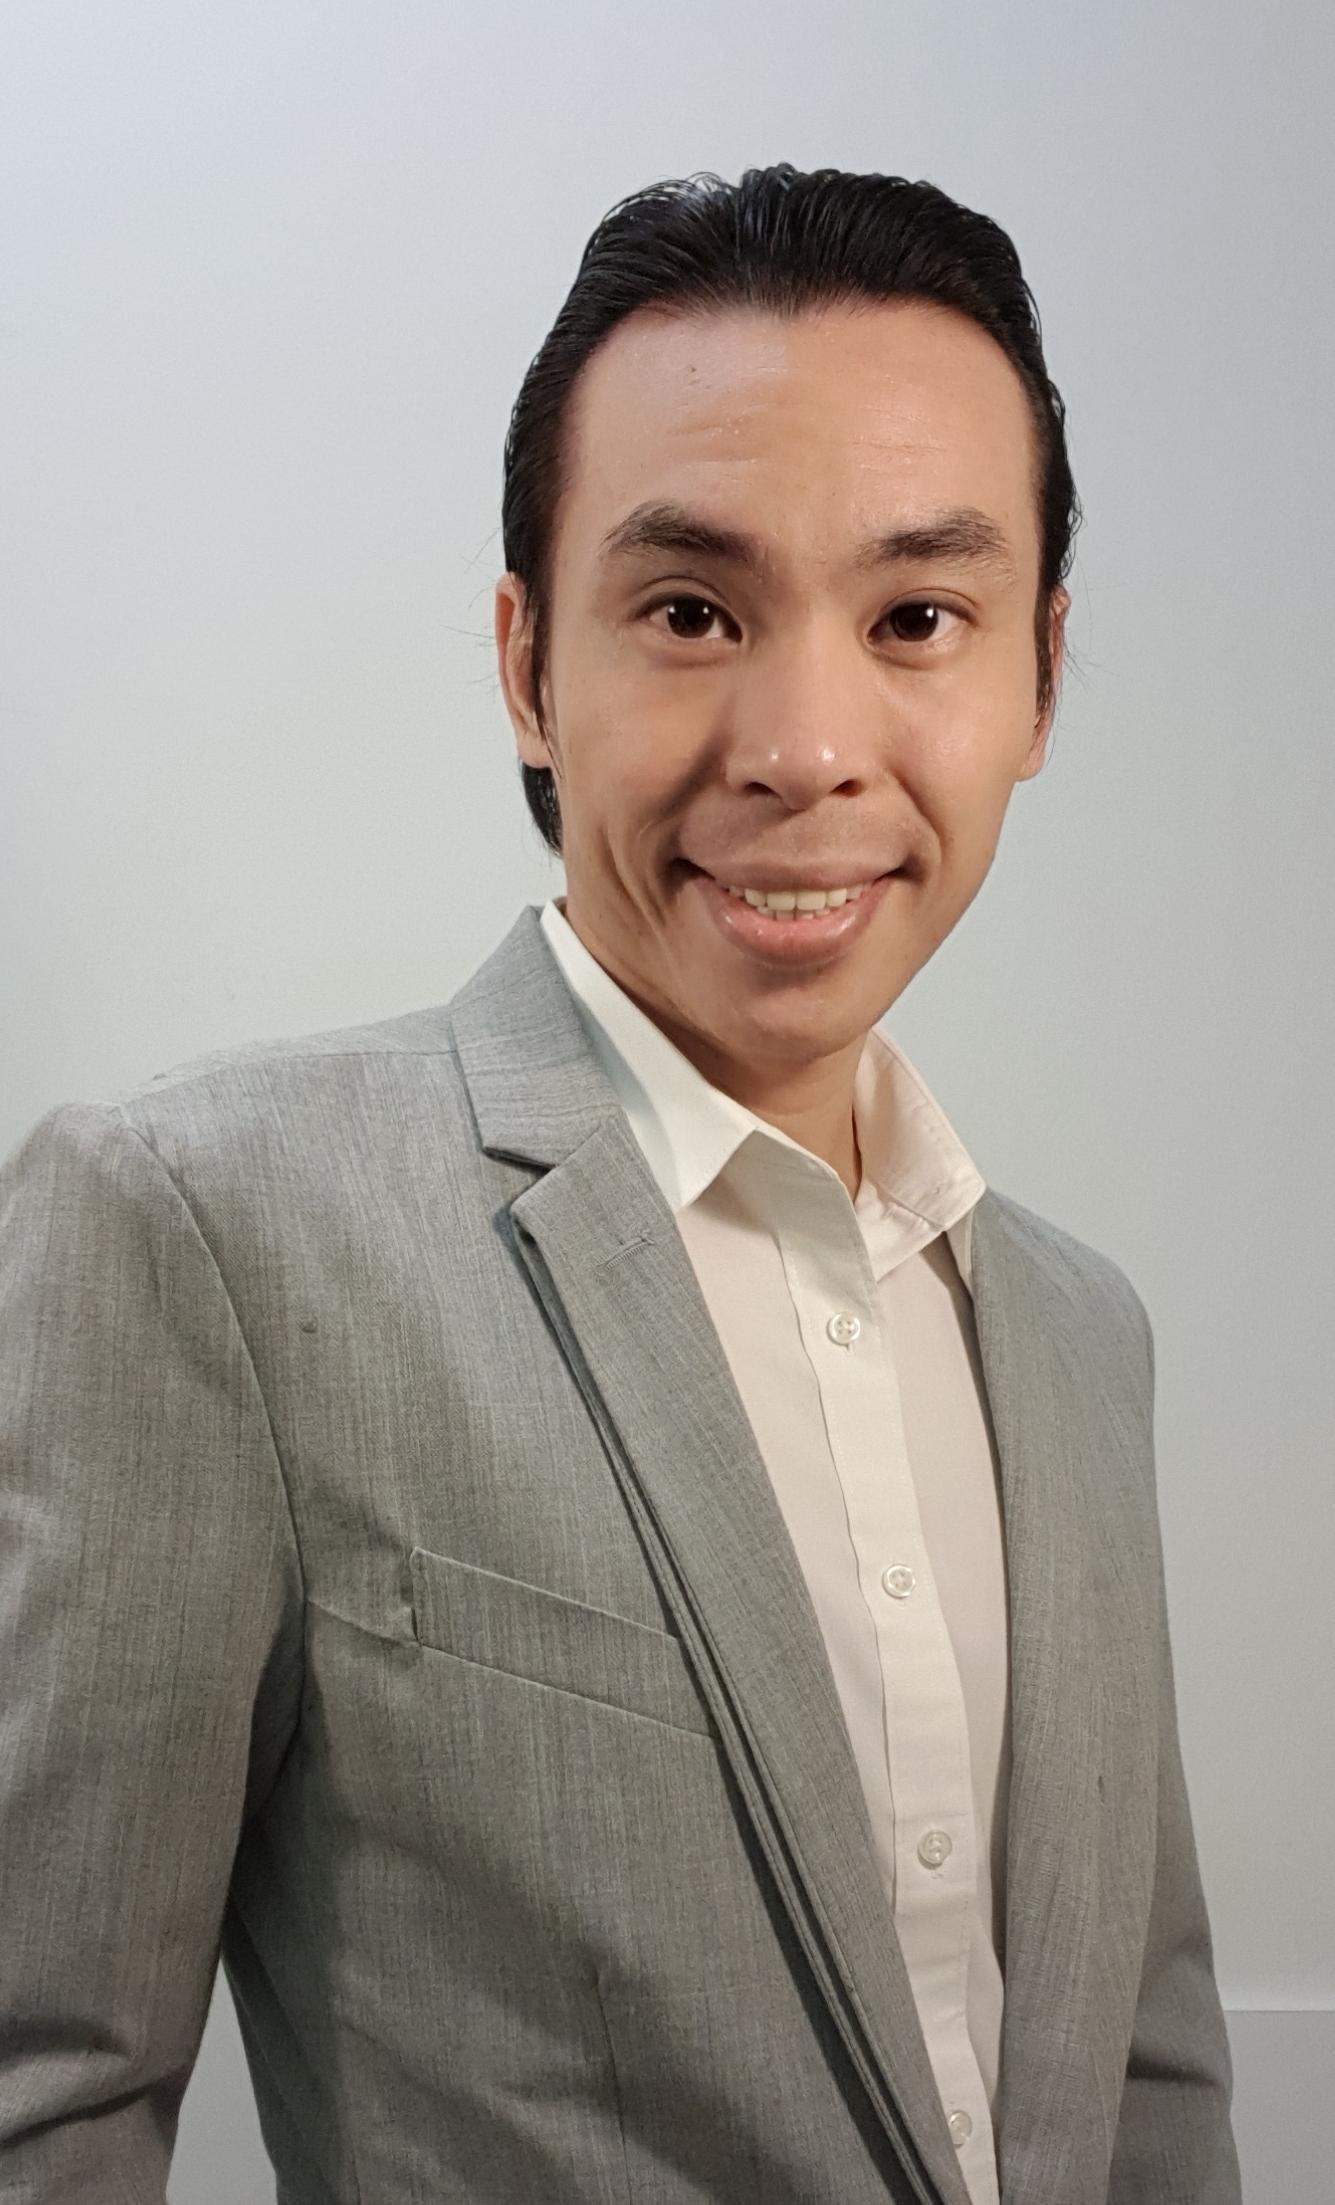 Douglas Chow - Founder of Empower Advisory